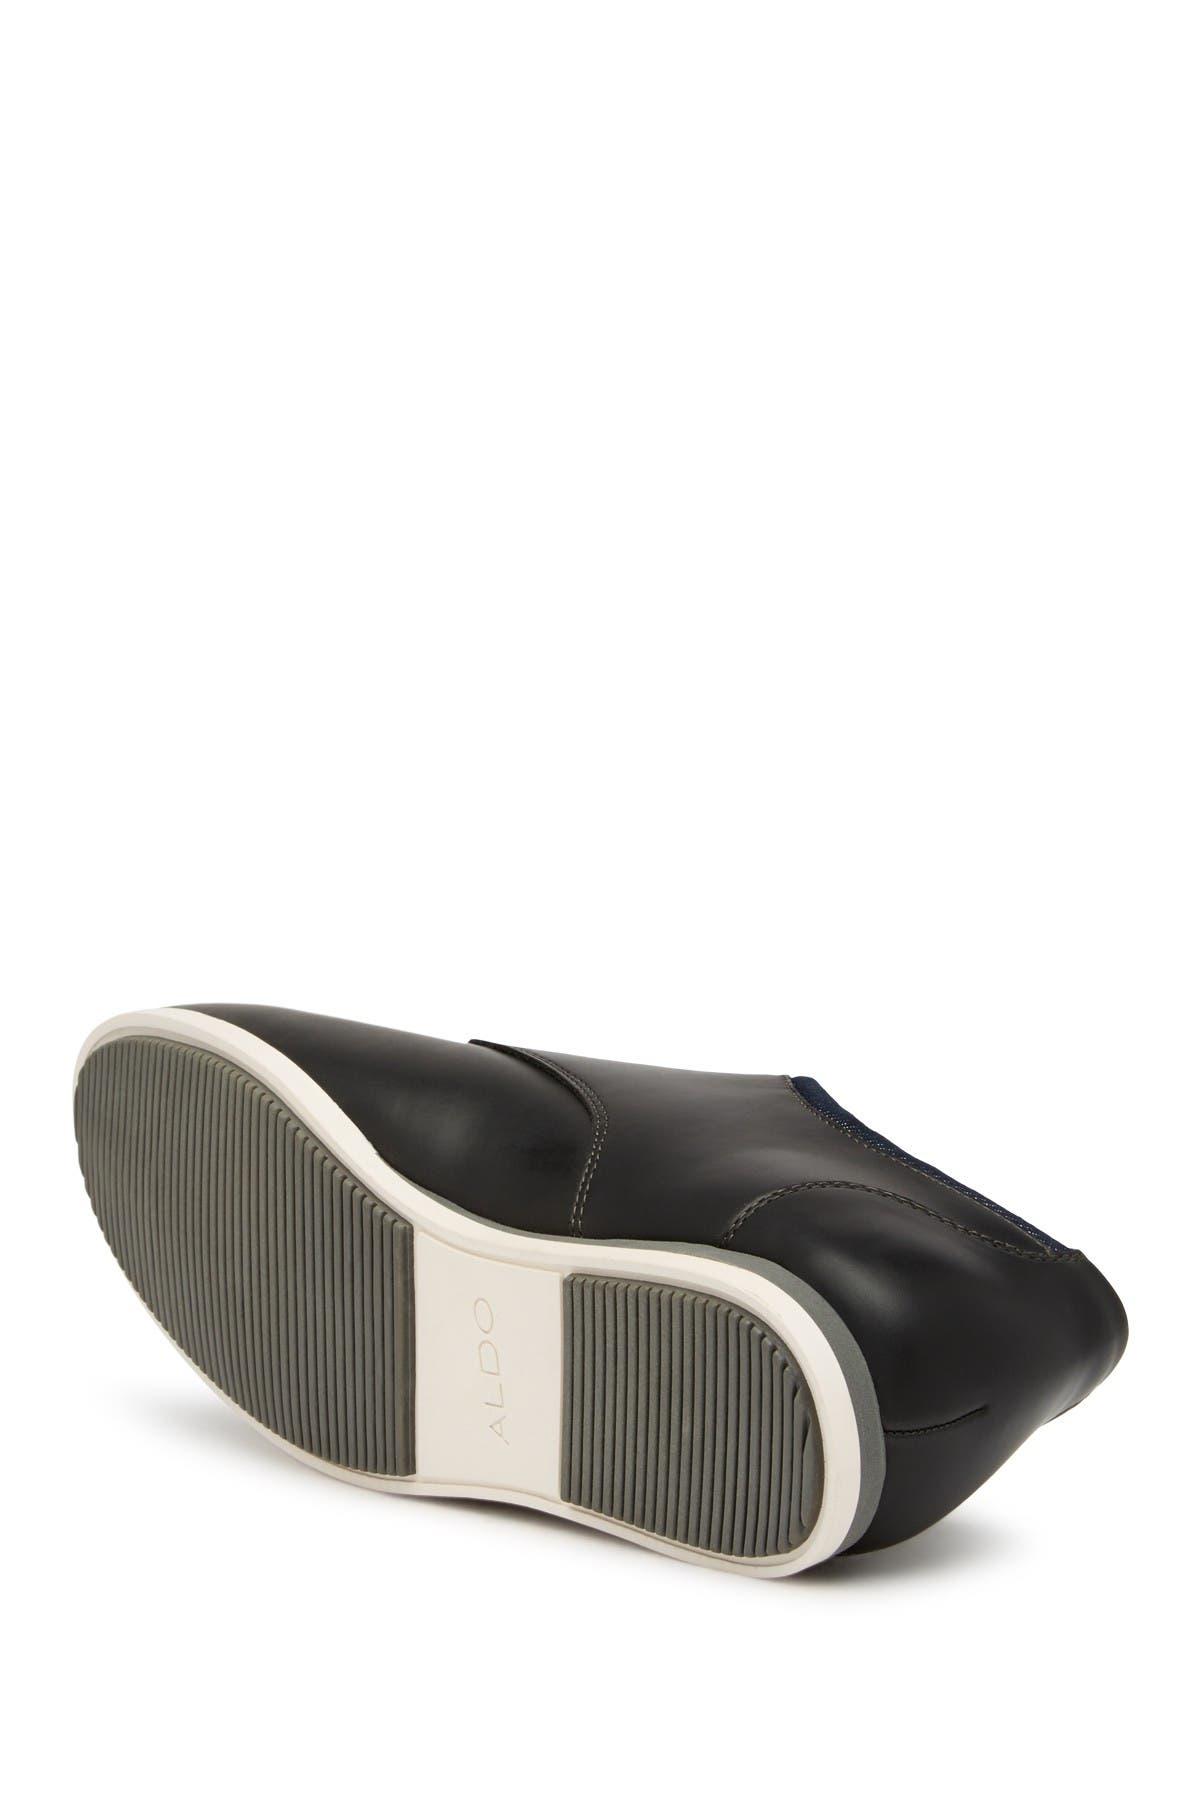 Aldo | Eng Lee Derby Sneaker